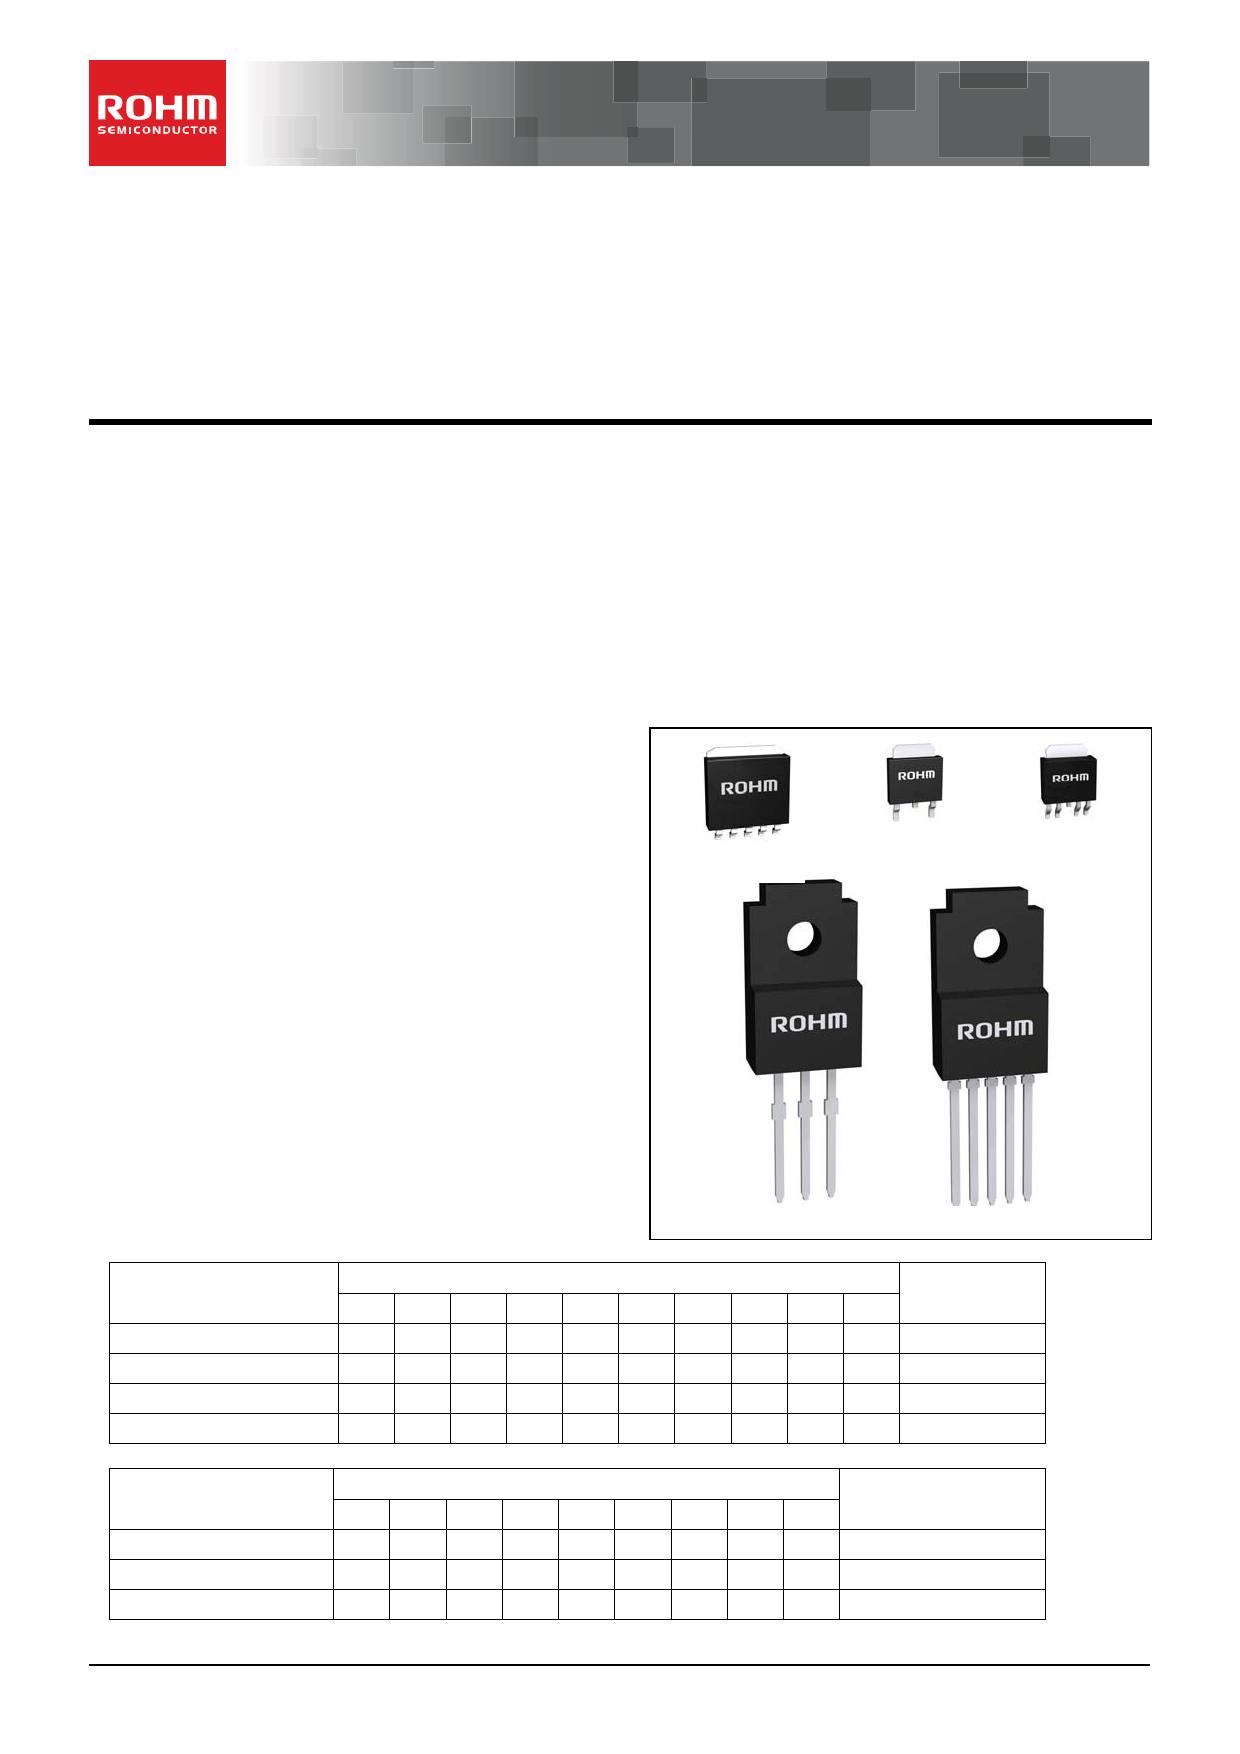 BA05CC0FP datasheet